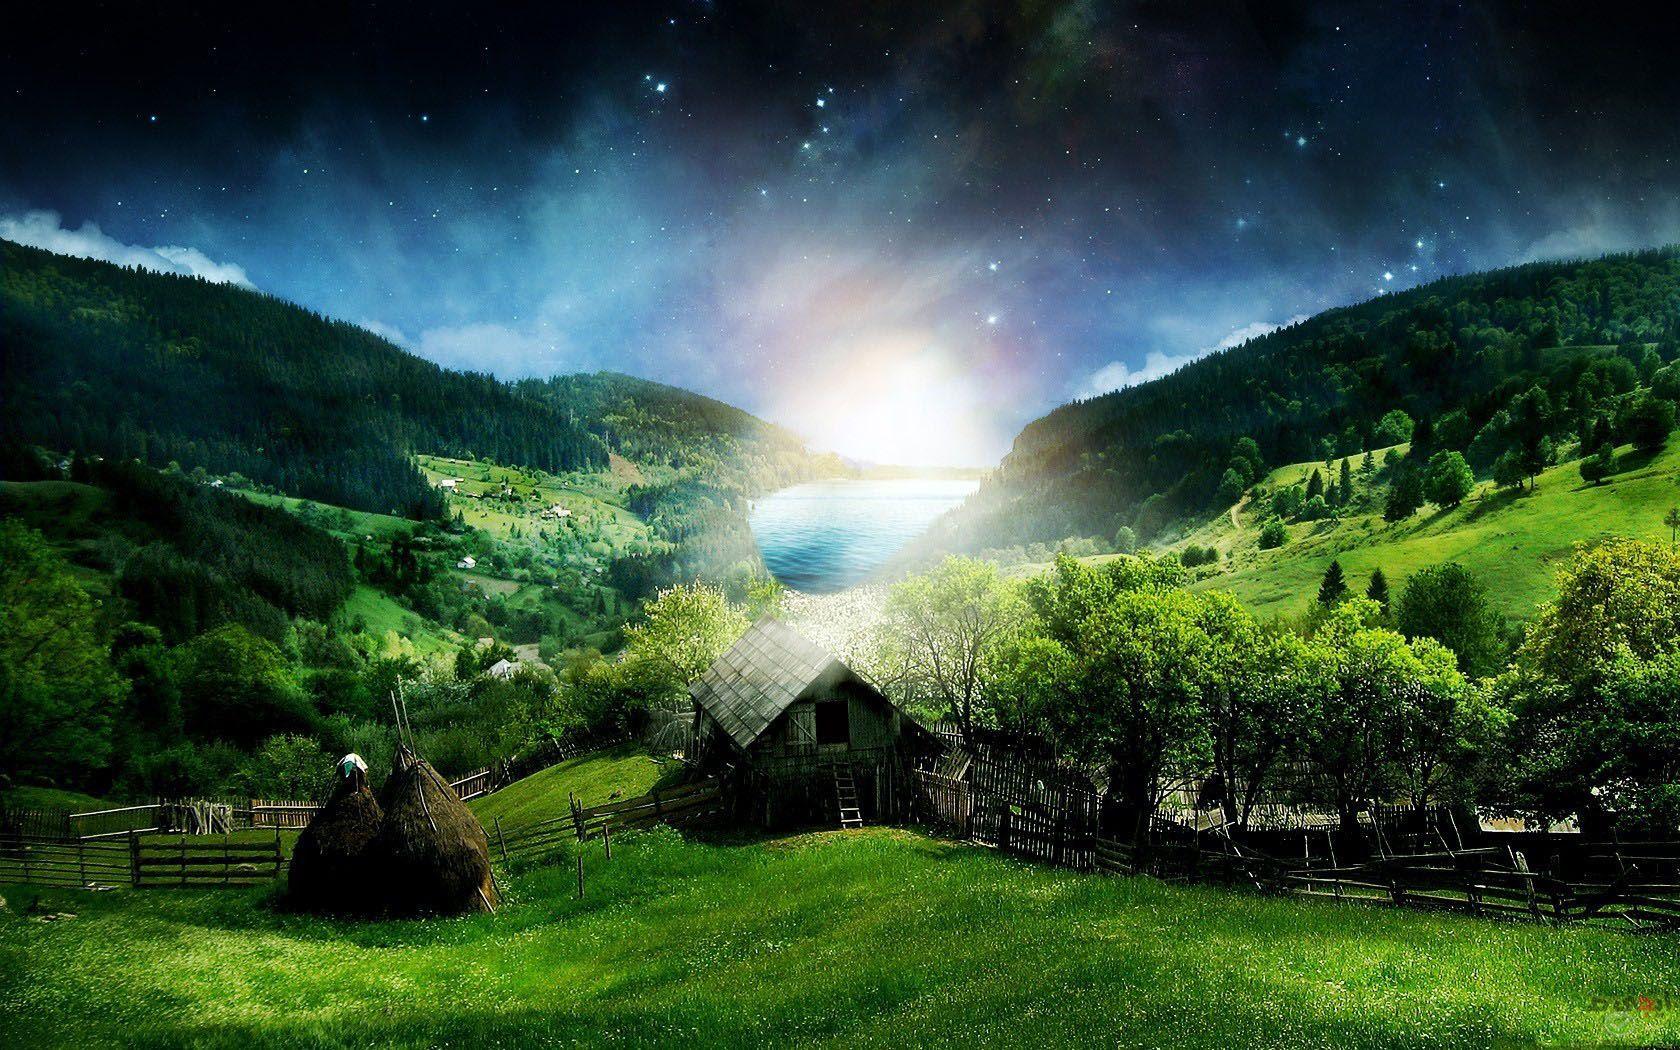 اجمل صور الطبيعة الخلابة 39